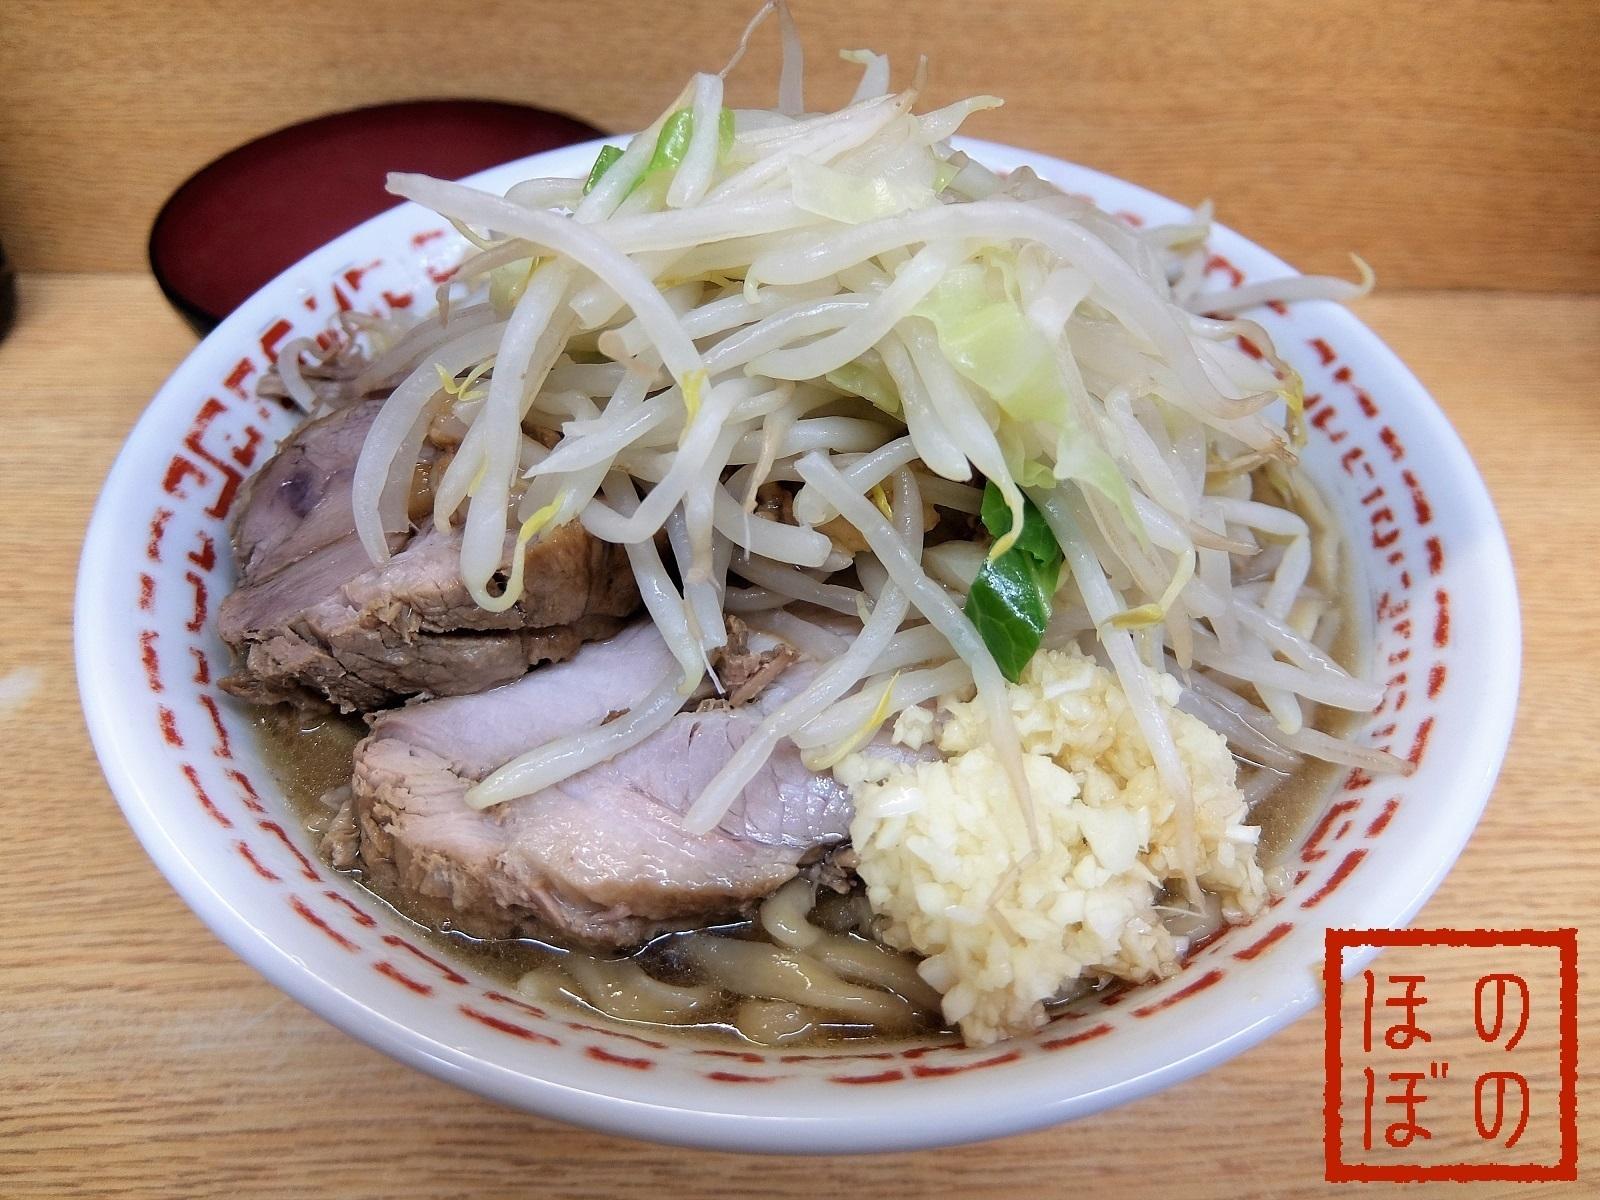 shinshindaita-jirou111.jpg